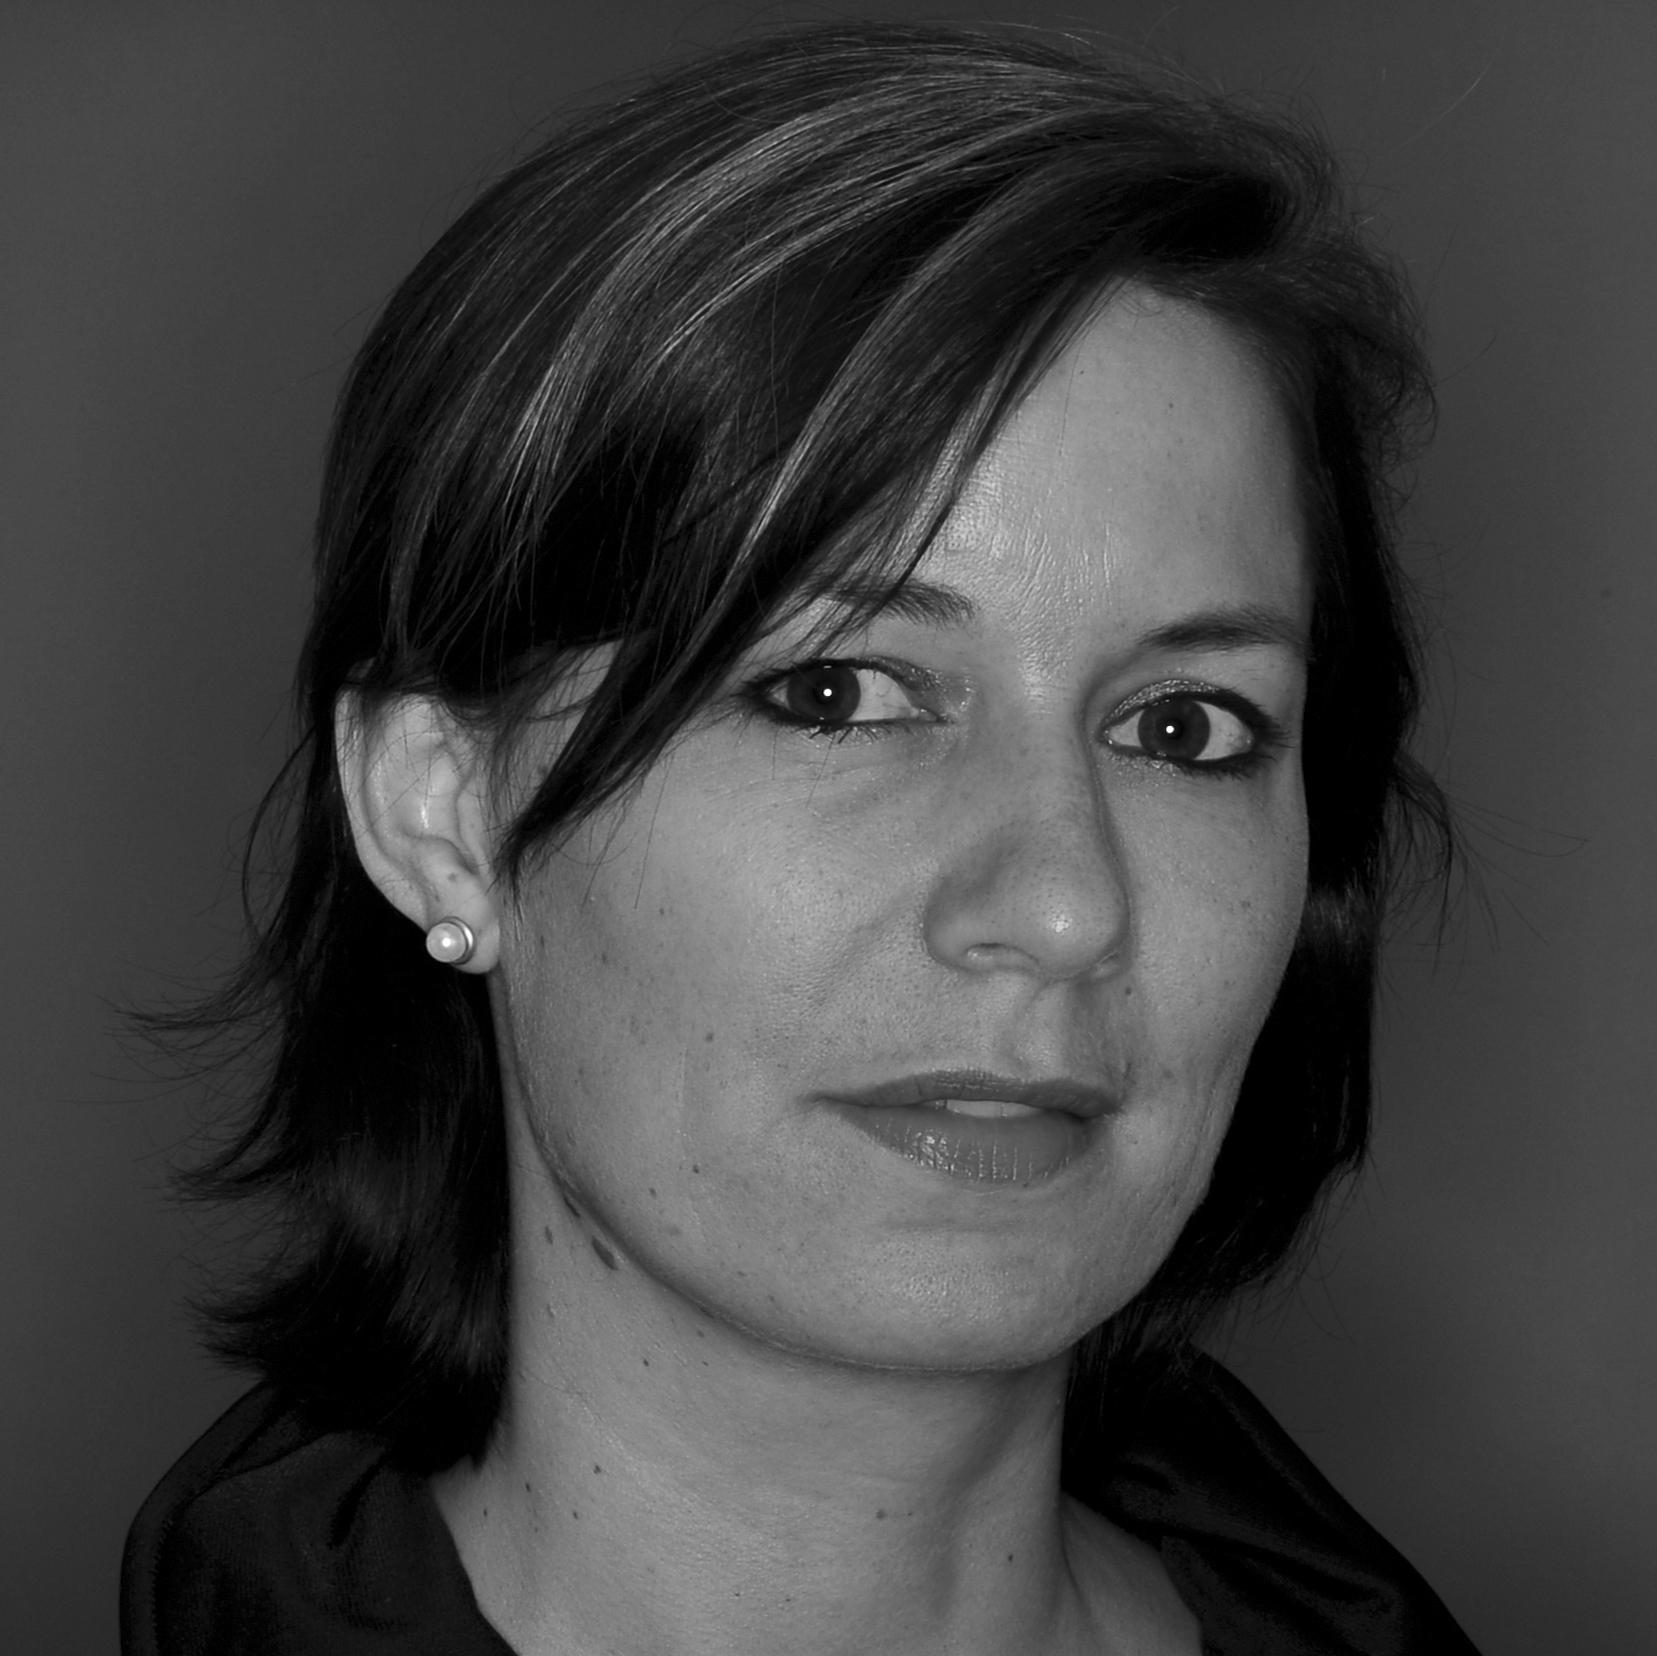 Manuela Karin Knaut